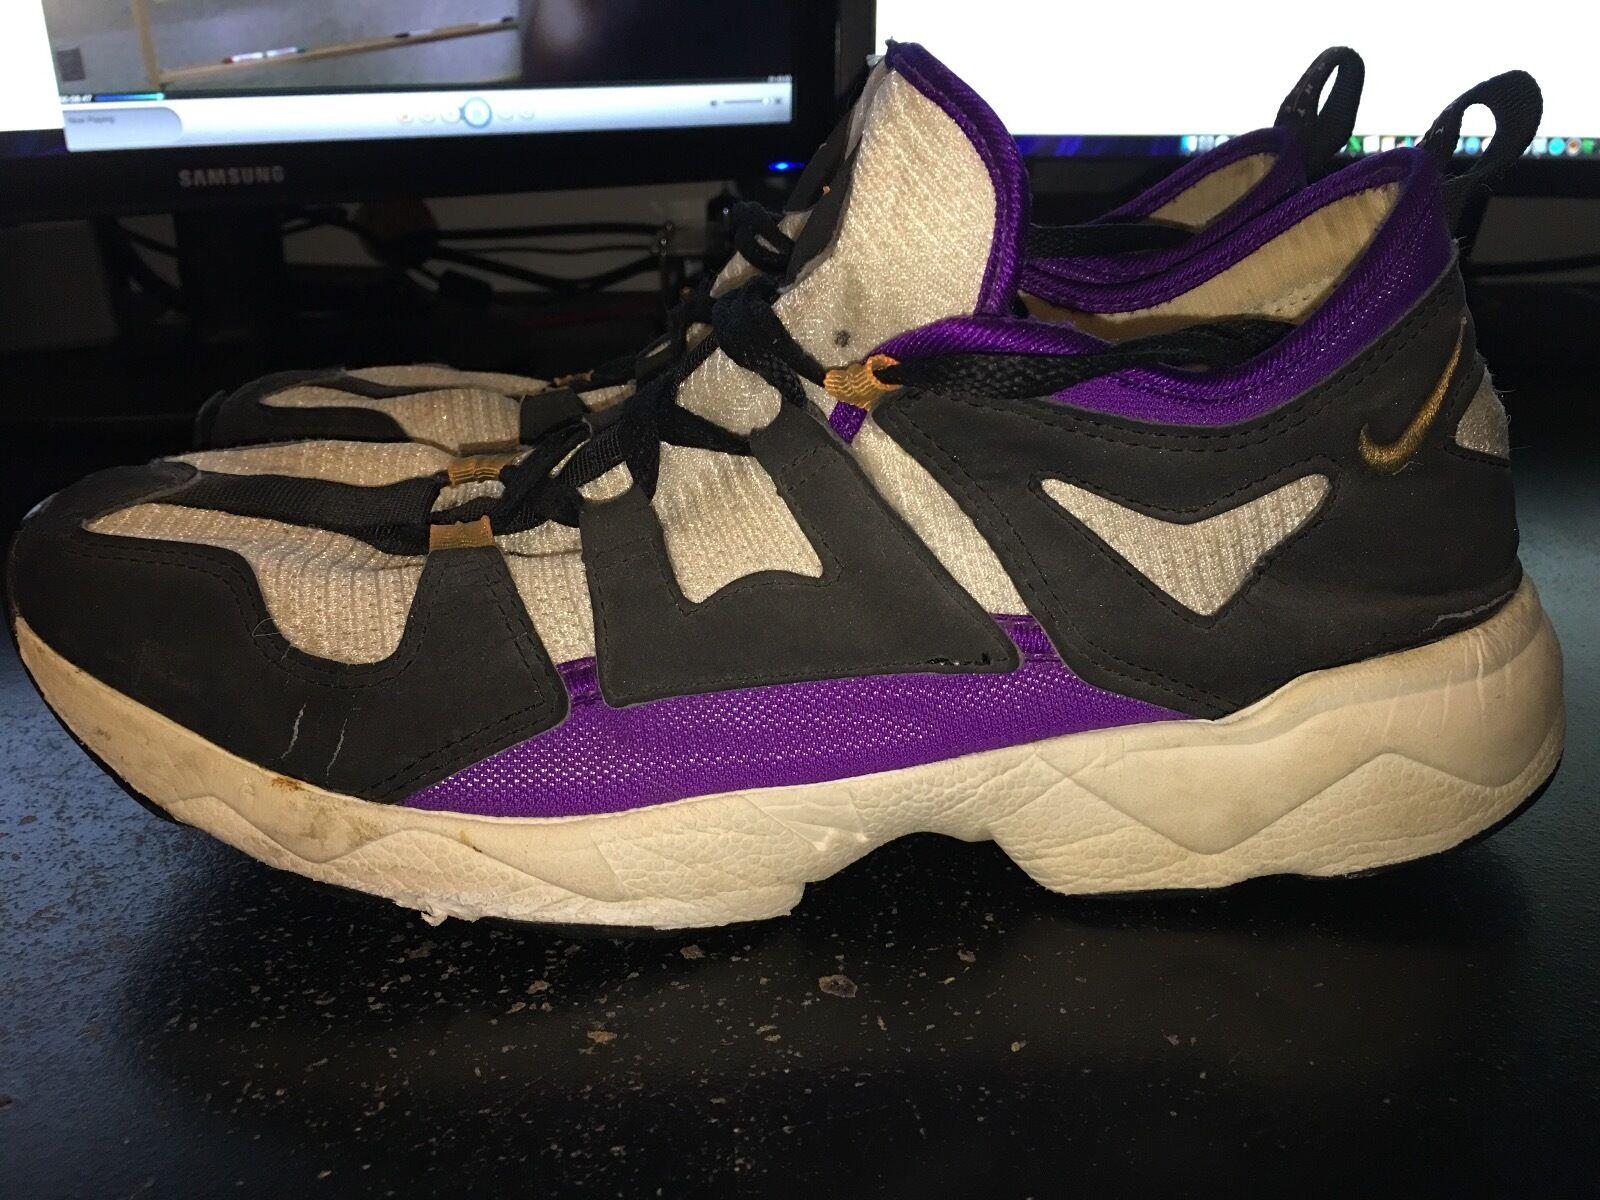 Gli uomini sono nike air zoom lwp (1995) (bianco / nero / viola) dimensioni in scarpe da ginnastica